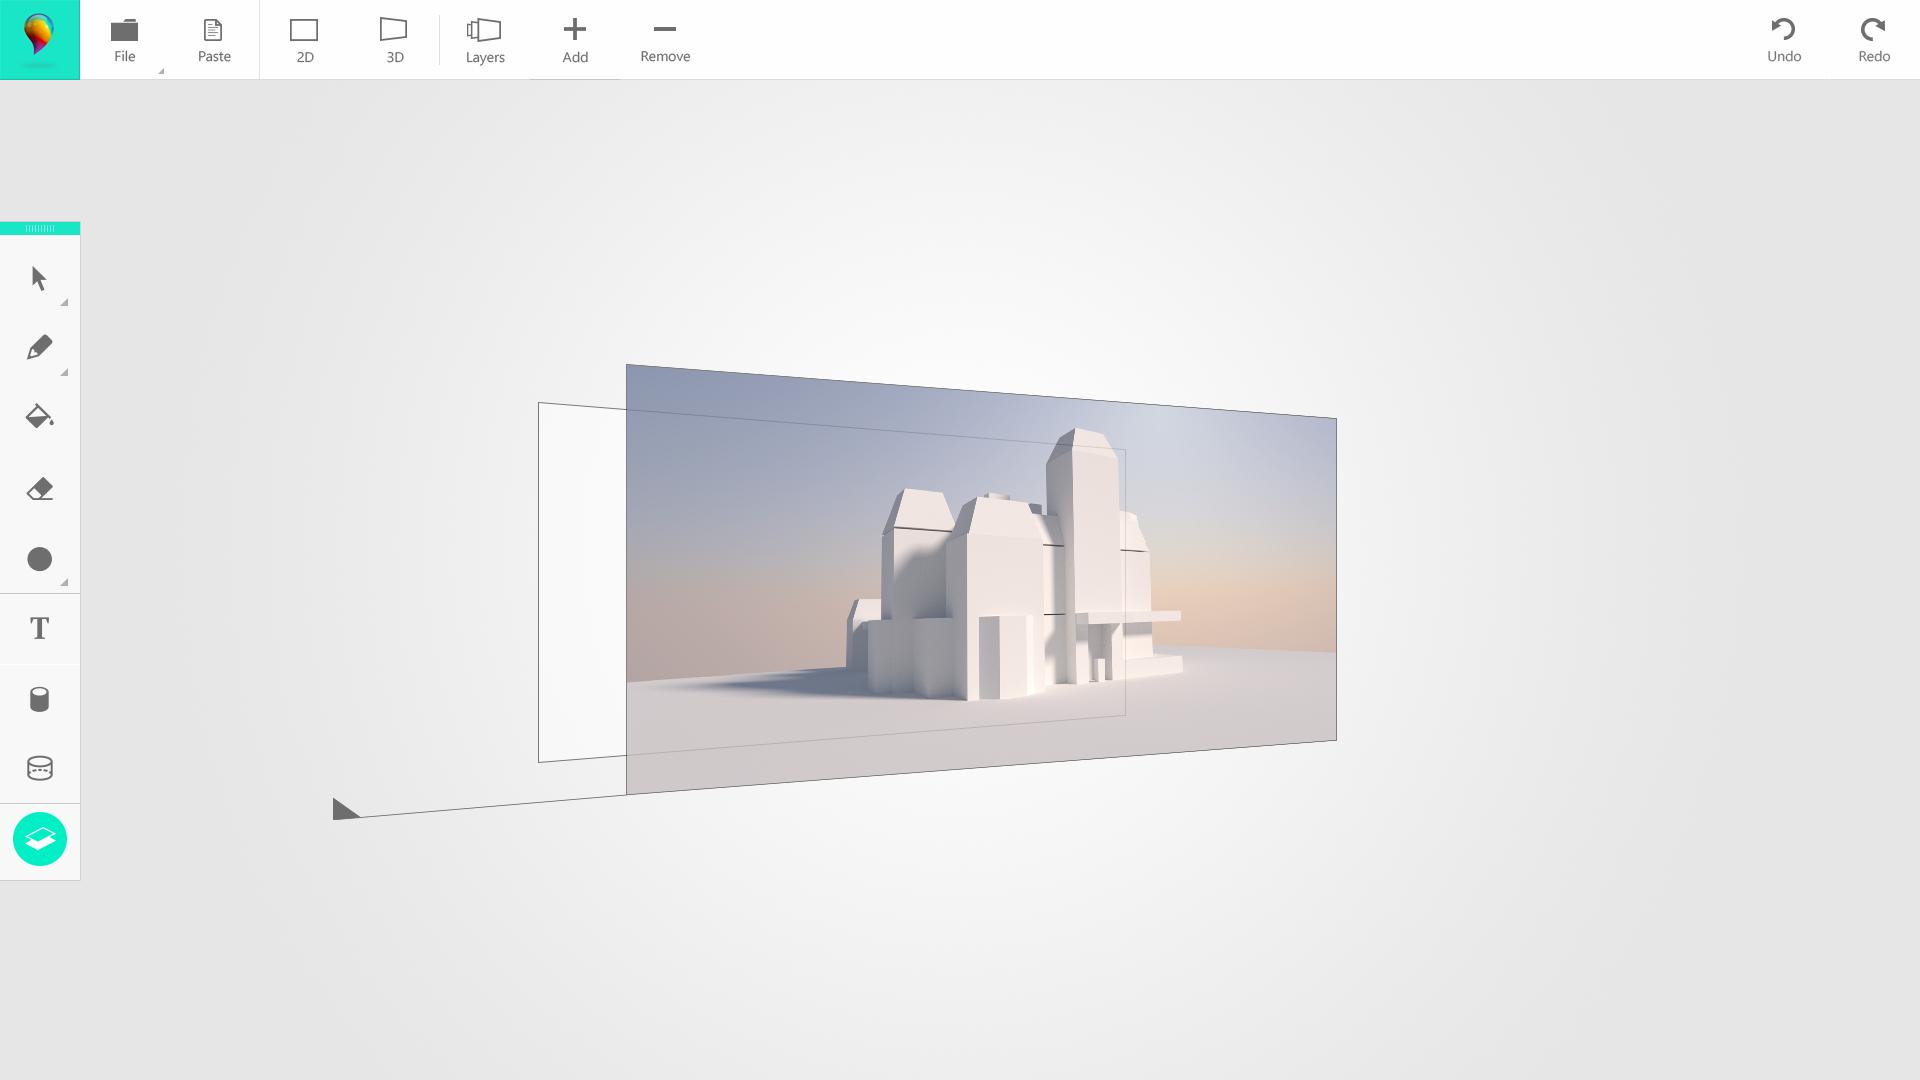 PaintStudio_Prototype_UI_v11.png